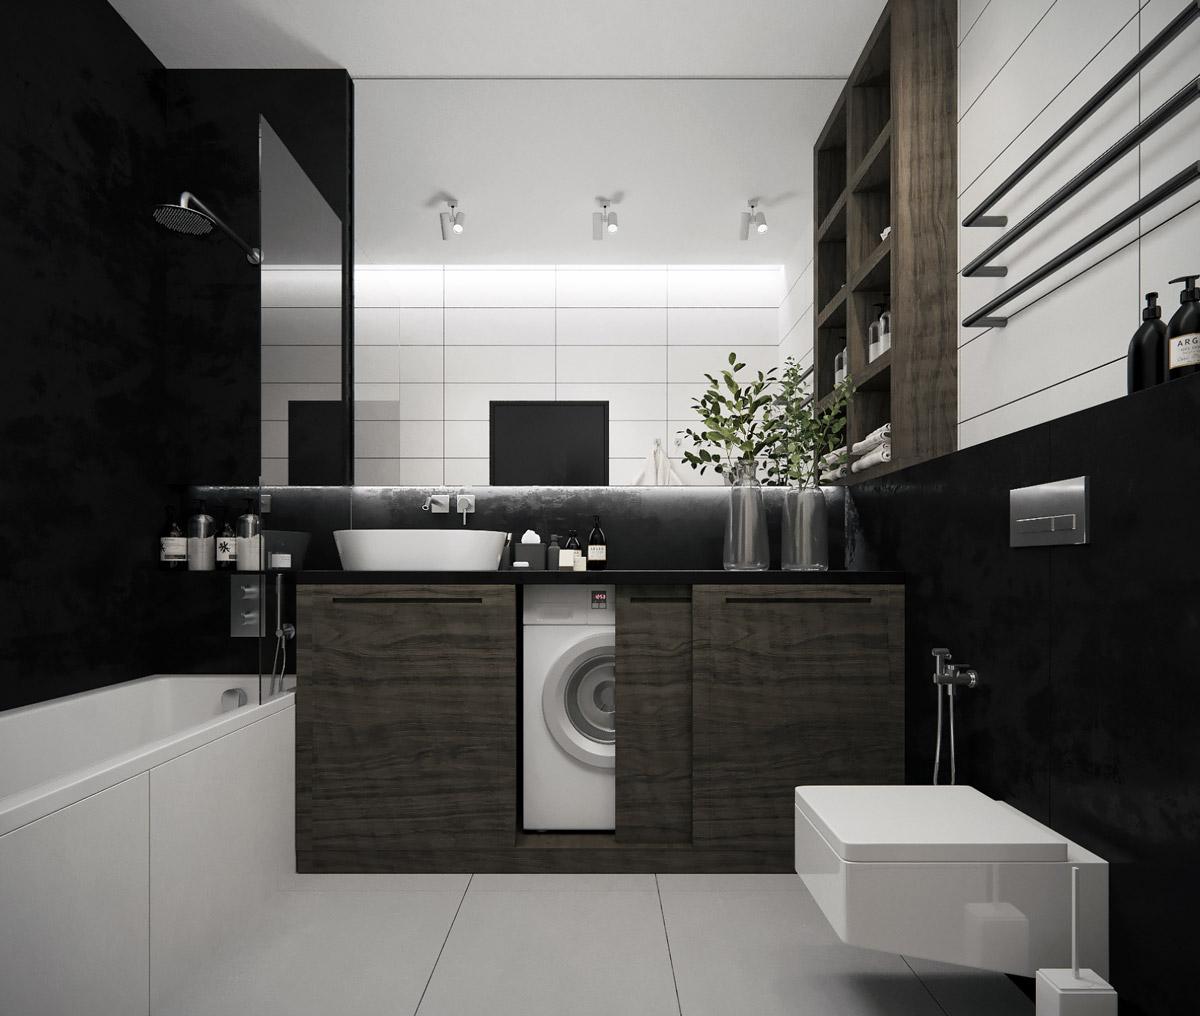 lavatrice-mimetizzata-o-a-vista-opinioni-15